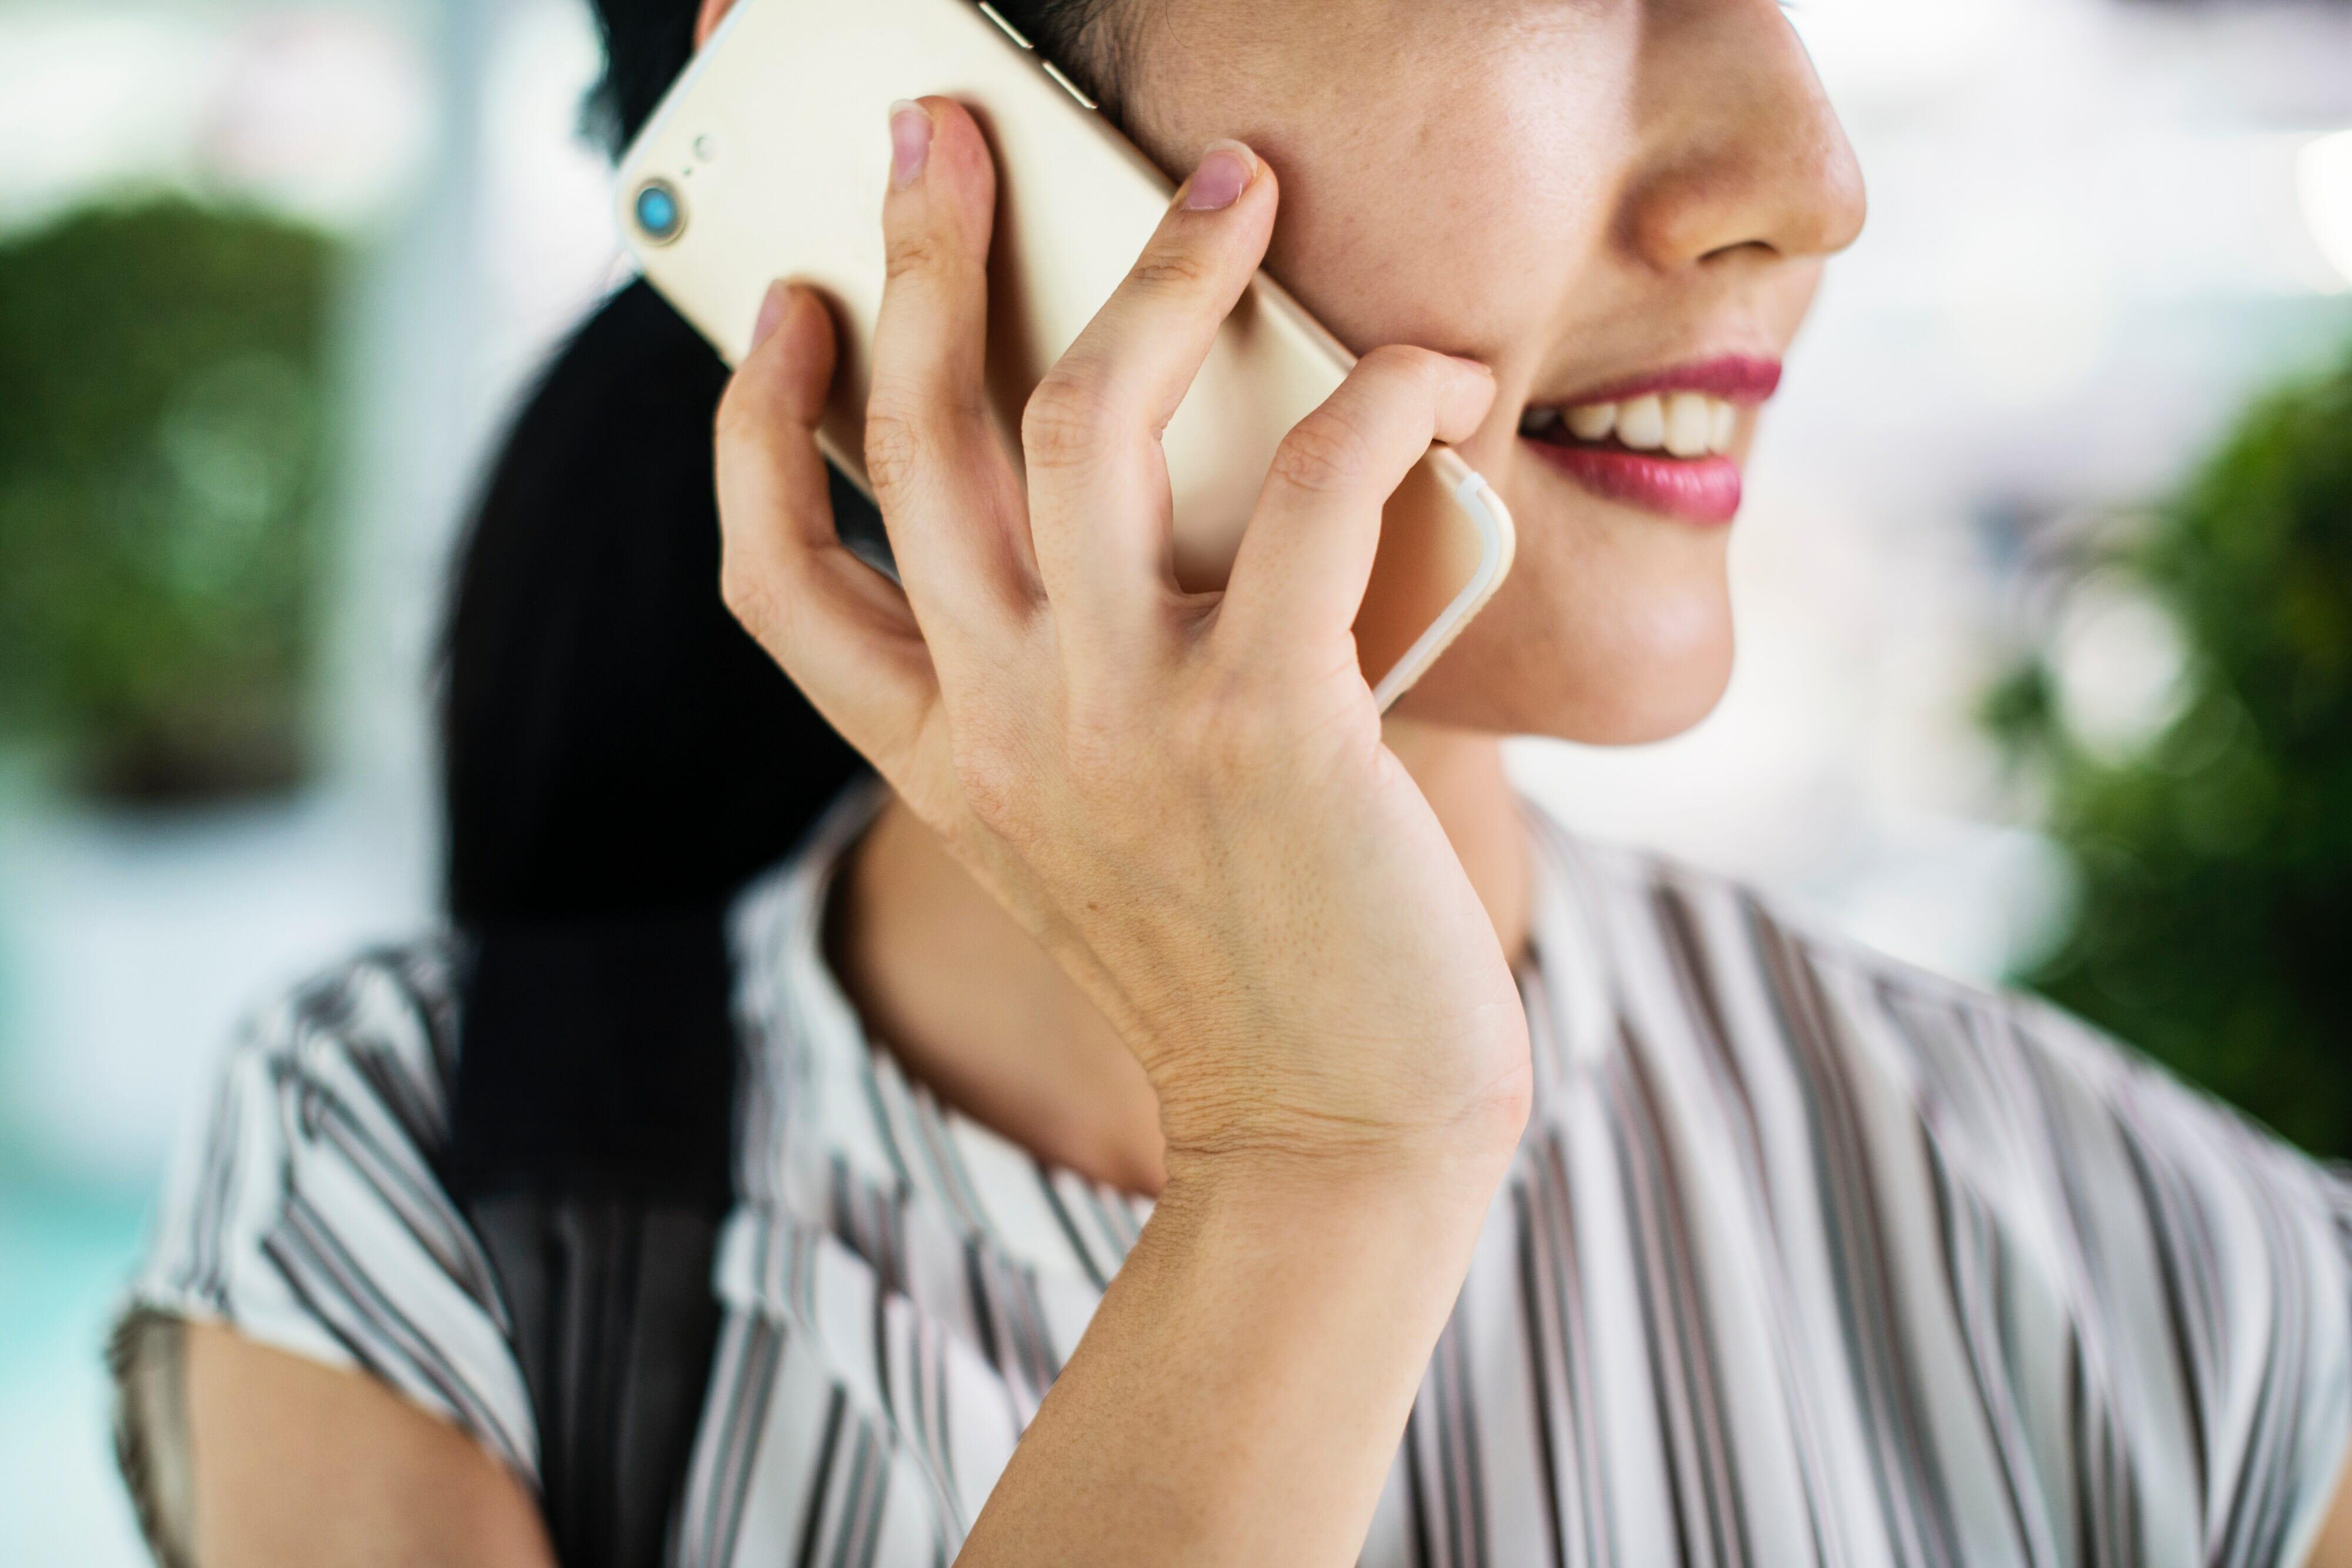 drivenow hotline kostenlos ᐅ die aktuelle drivenow hotline!